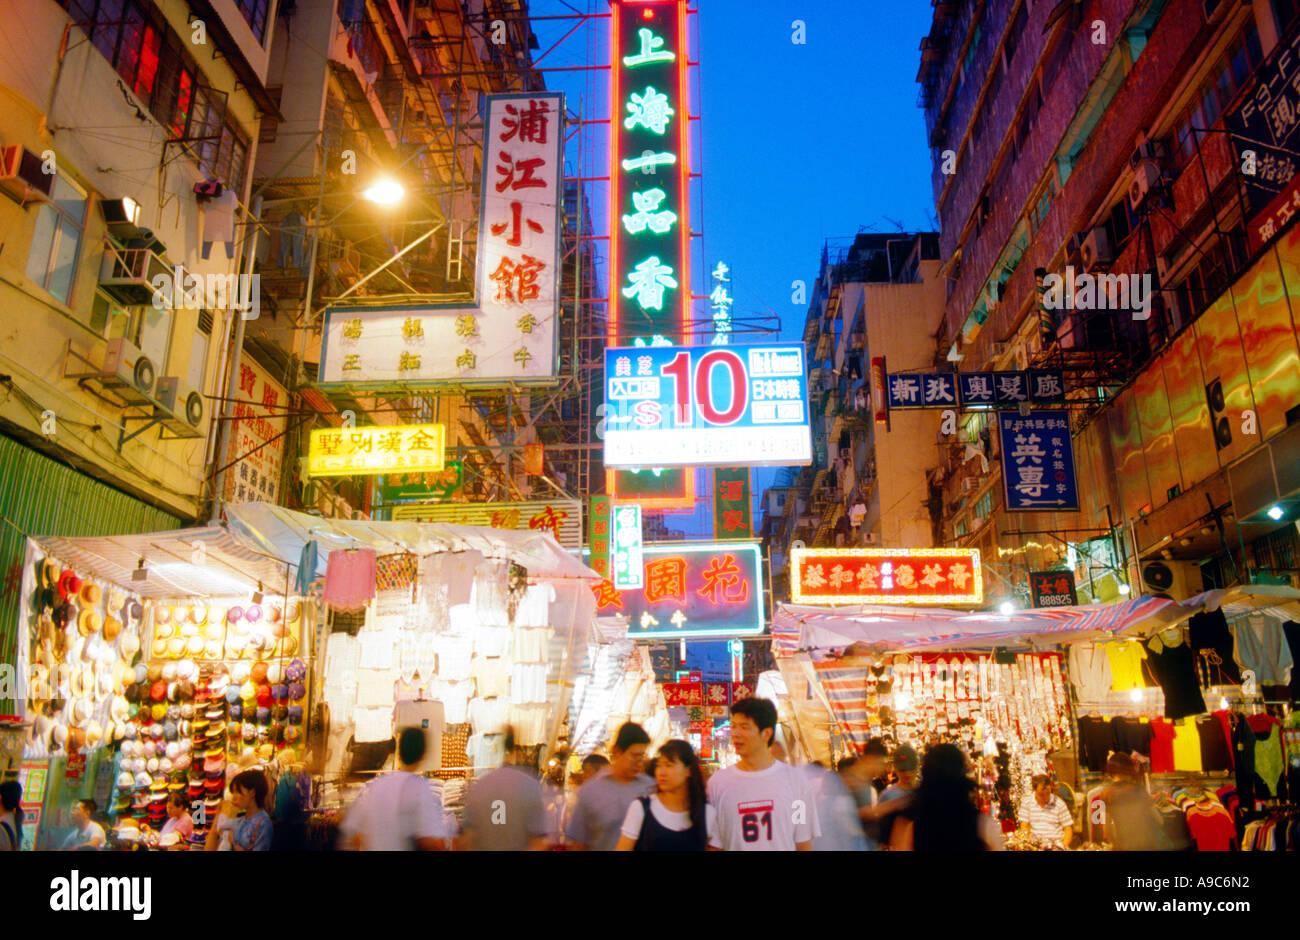 Famous woman street lady street night market Mongkok Yaumatei Kowloon Hong Kong china - Stock Image